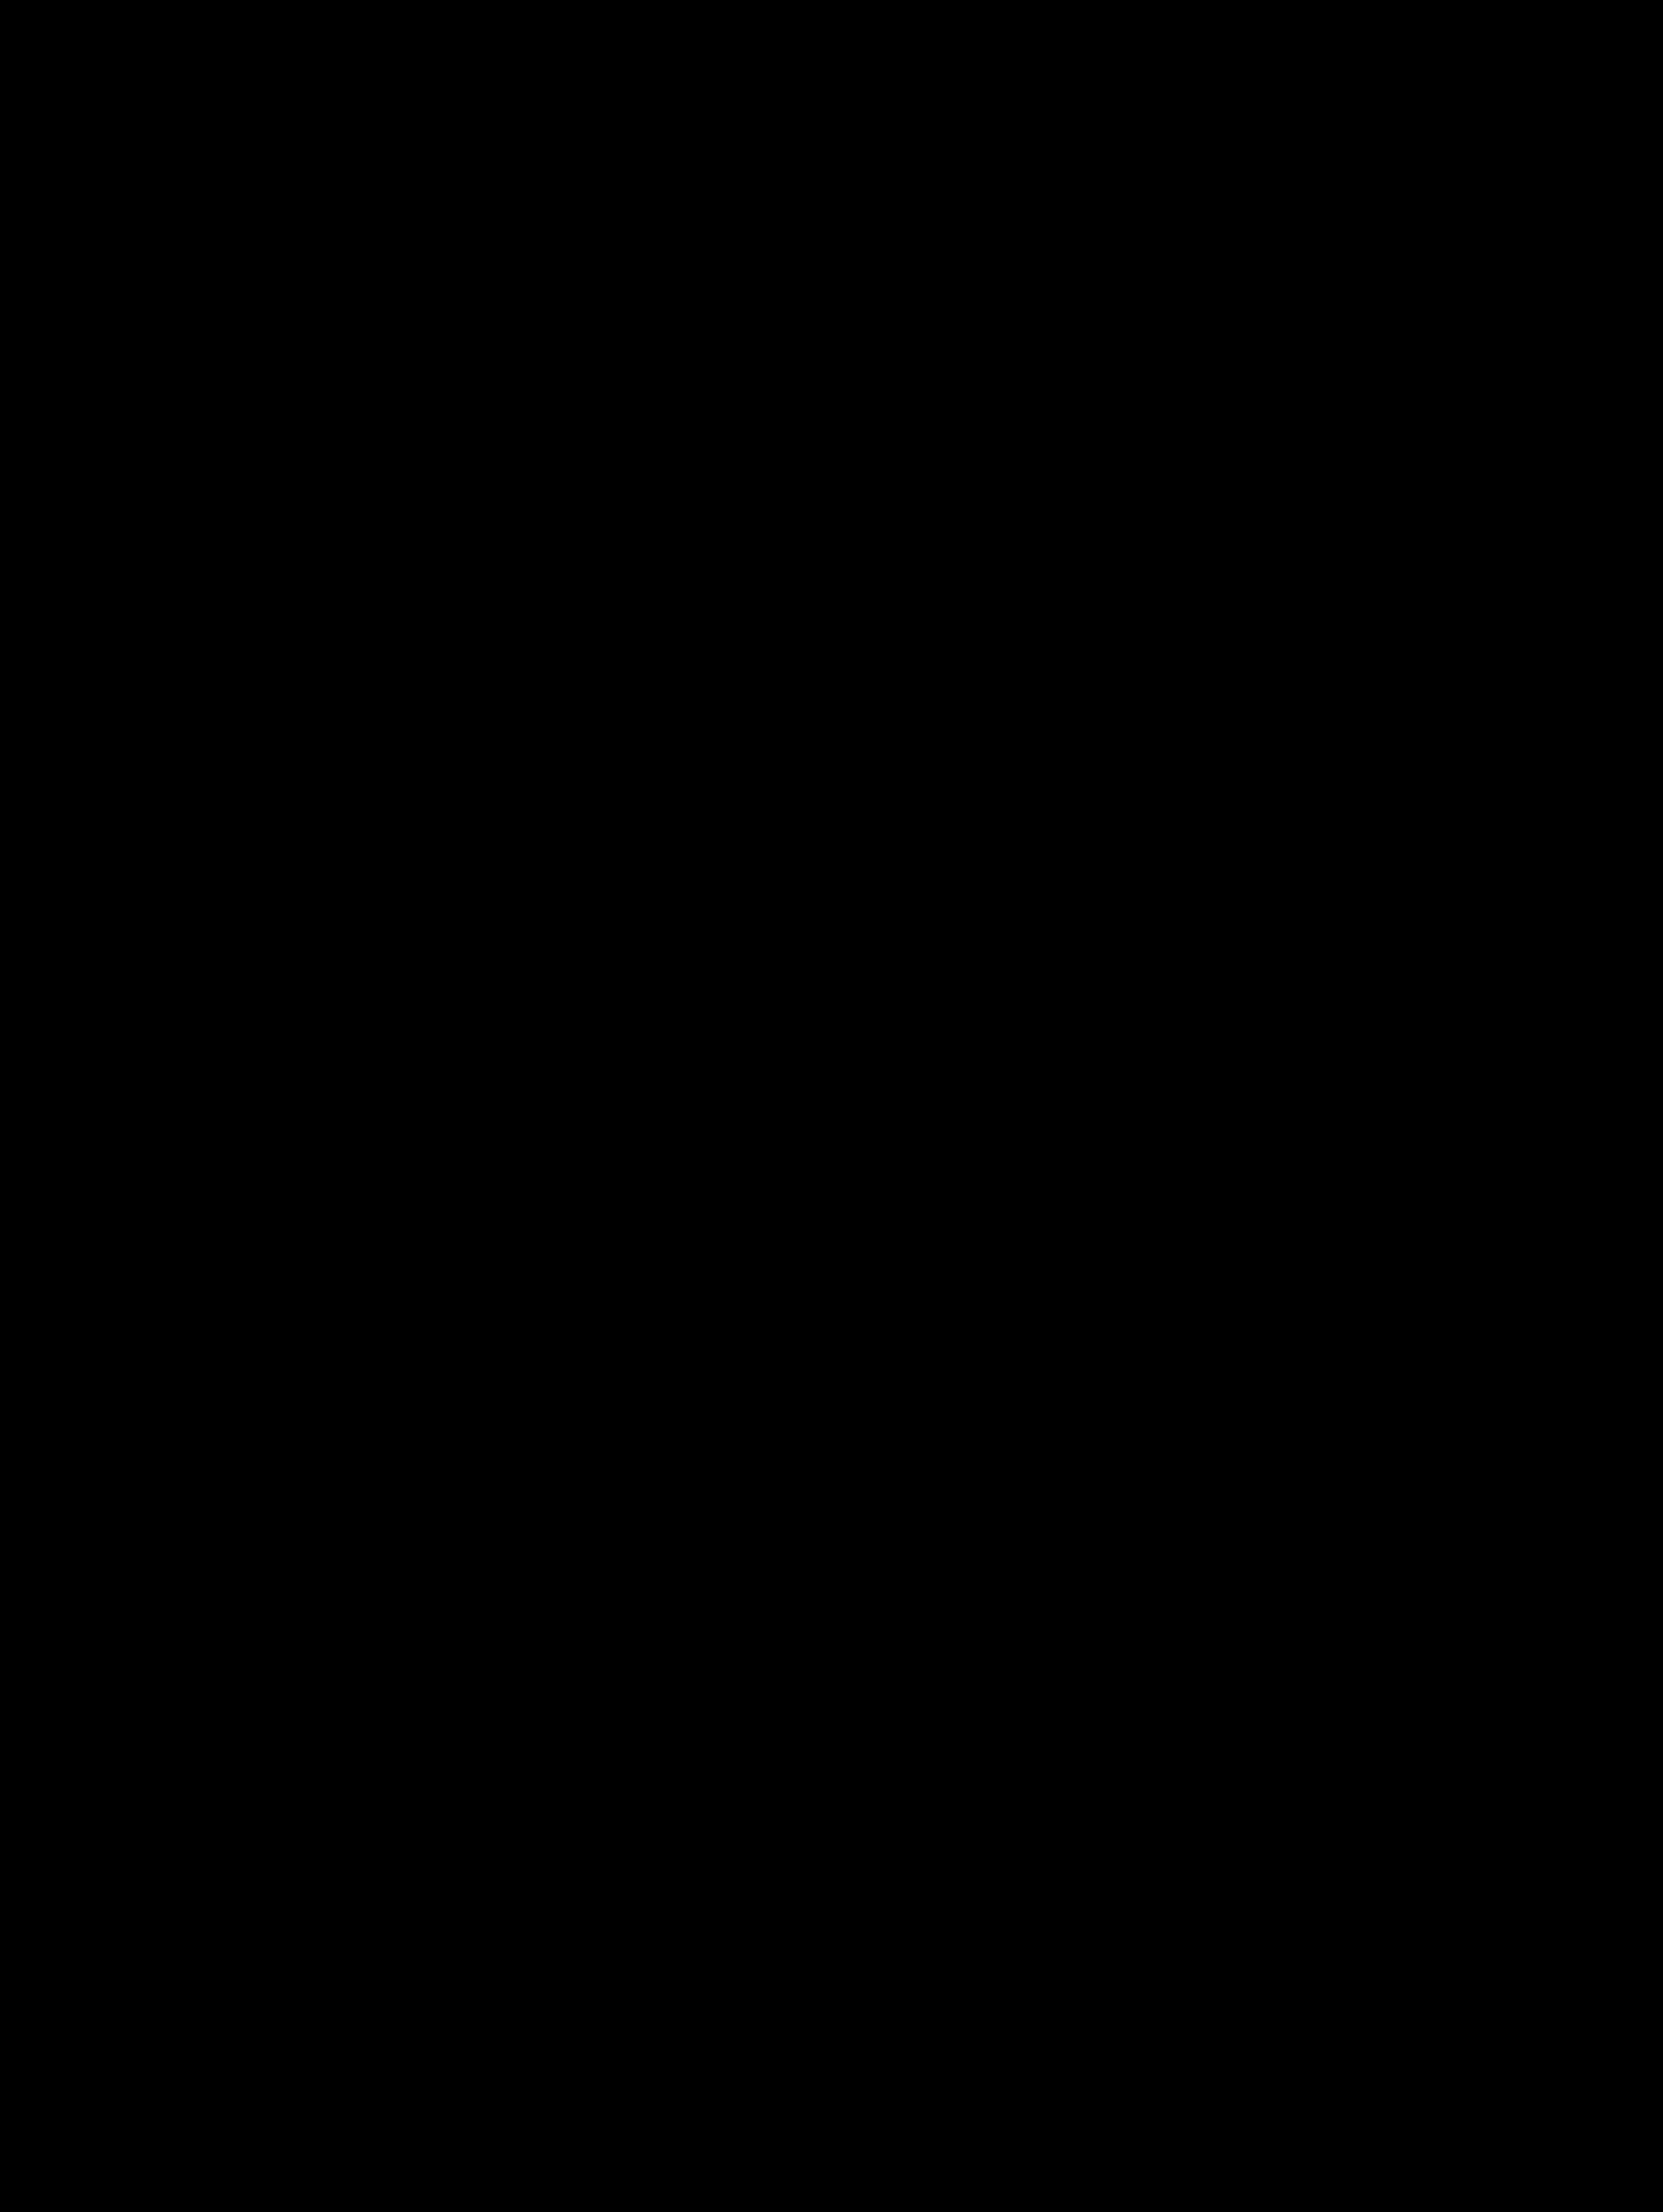 pot-plant-silhouette-7.png